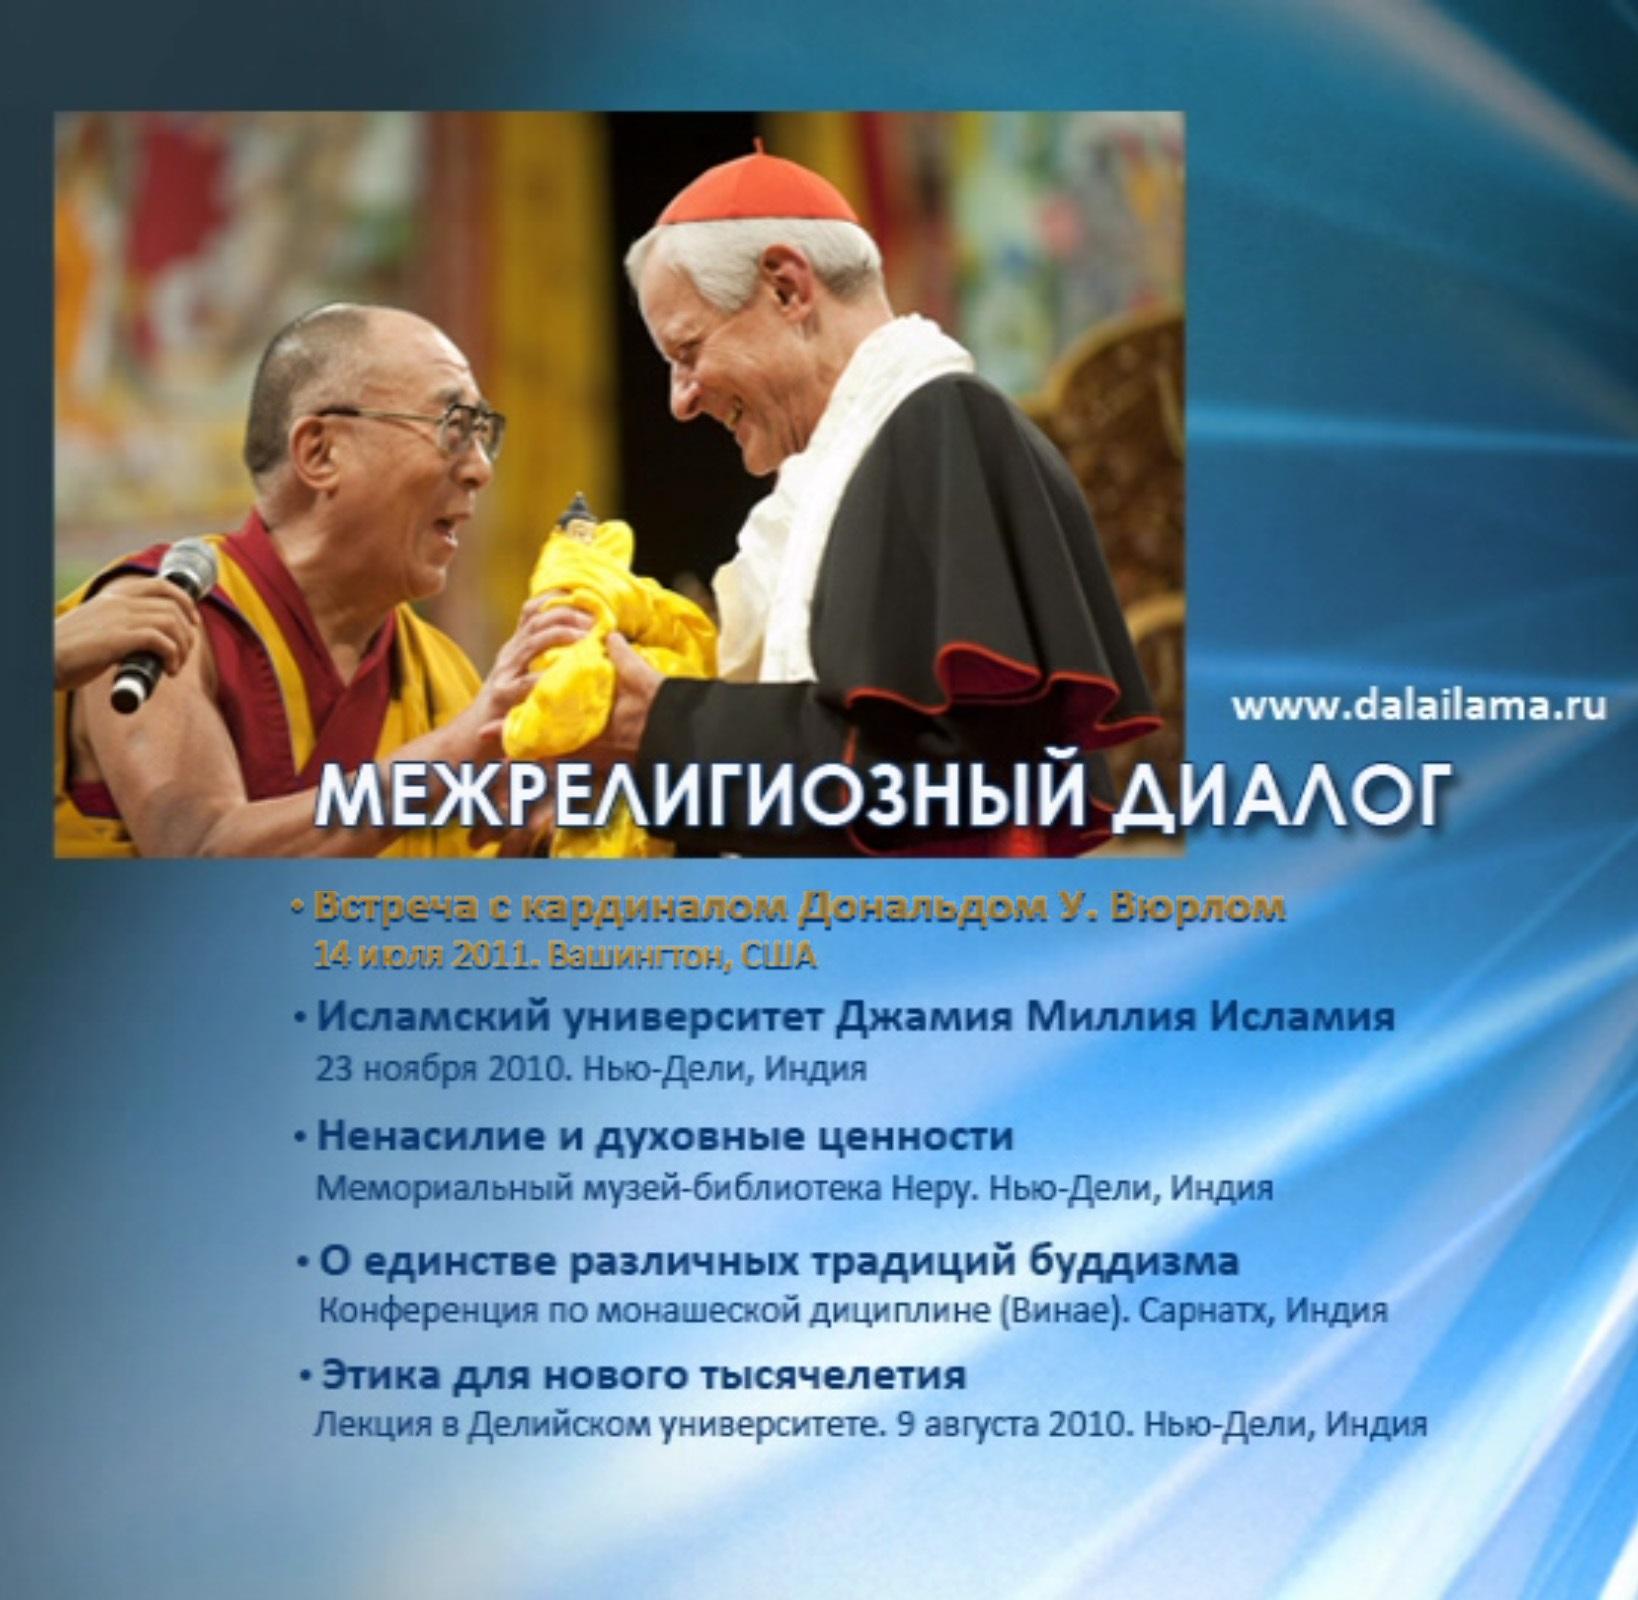 Далай-лама XIV О единстве различных традиций буддизма цены онлайн